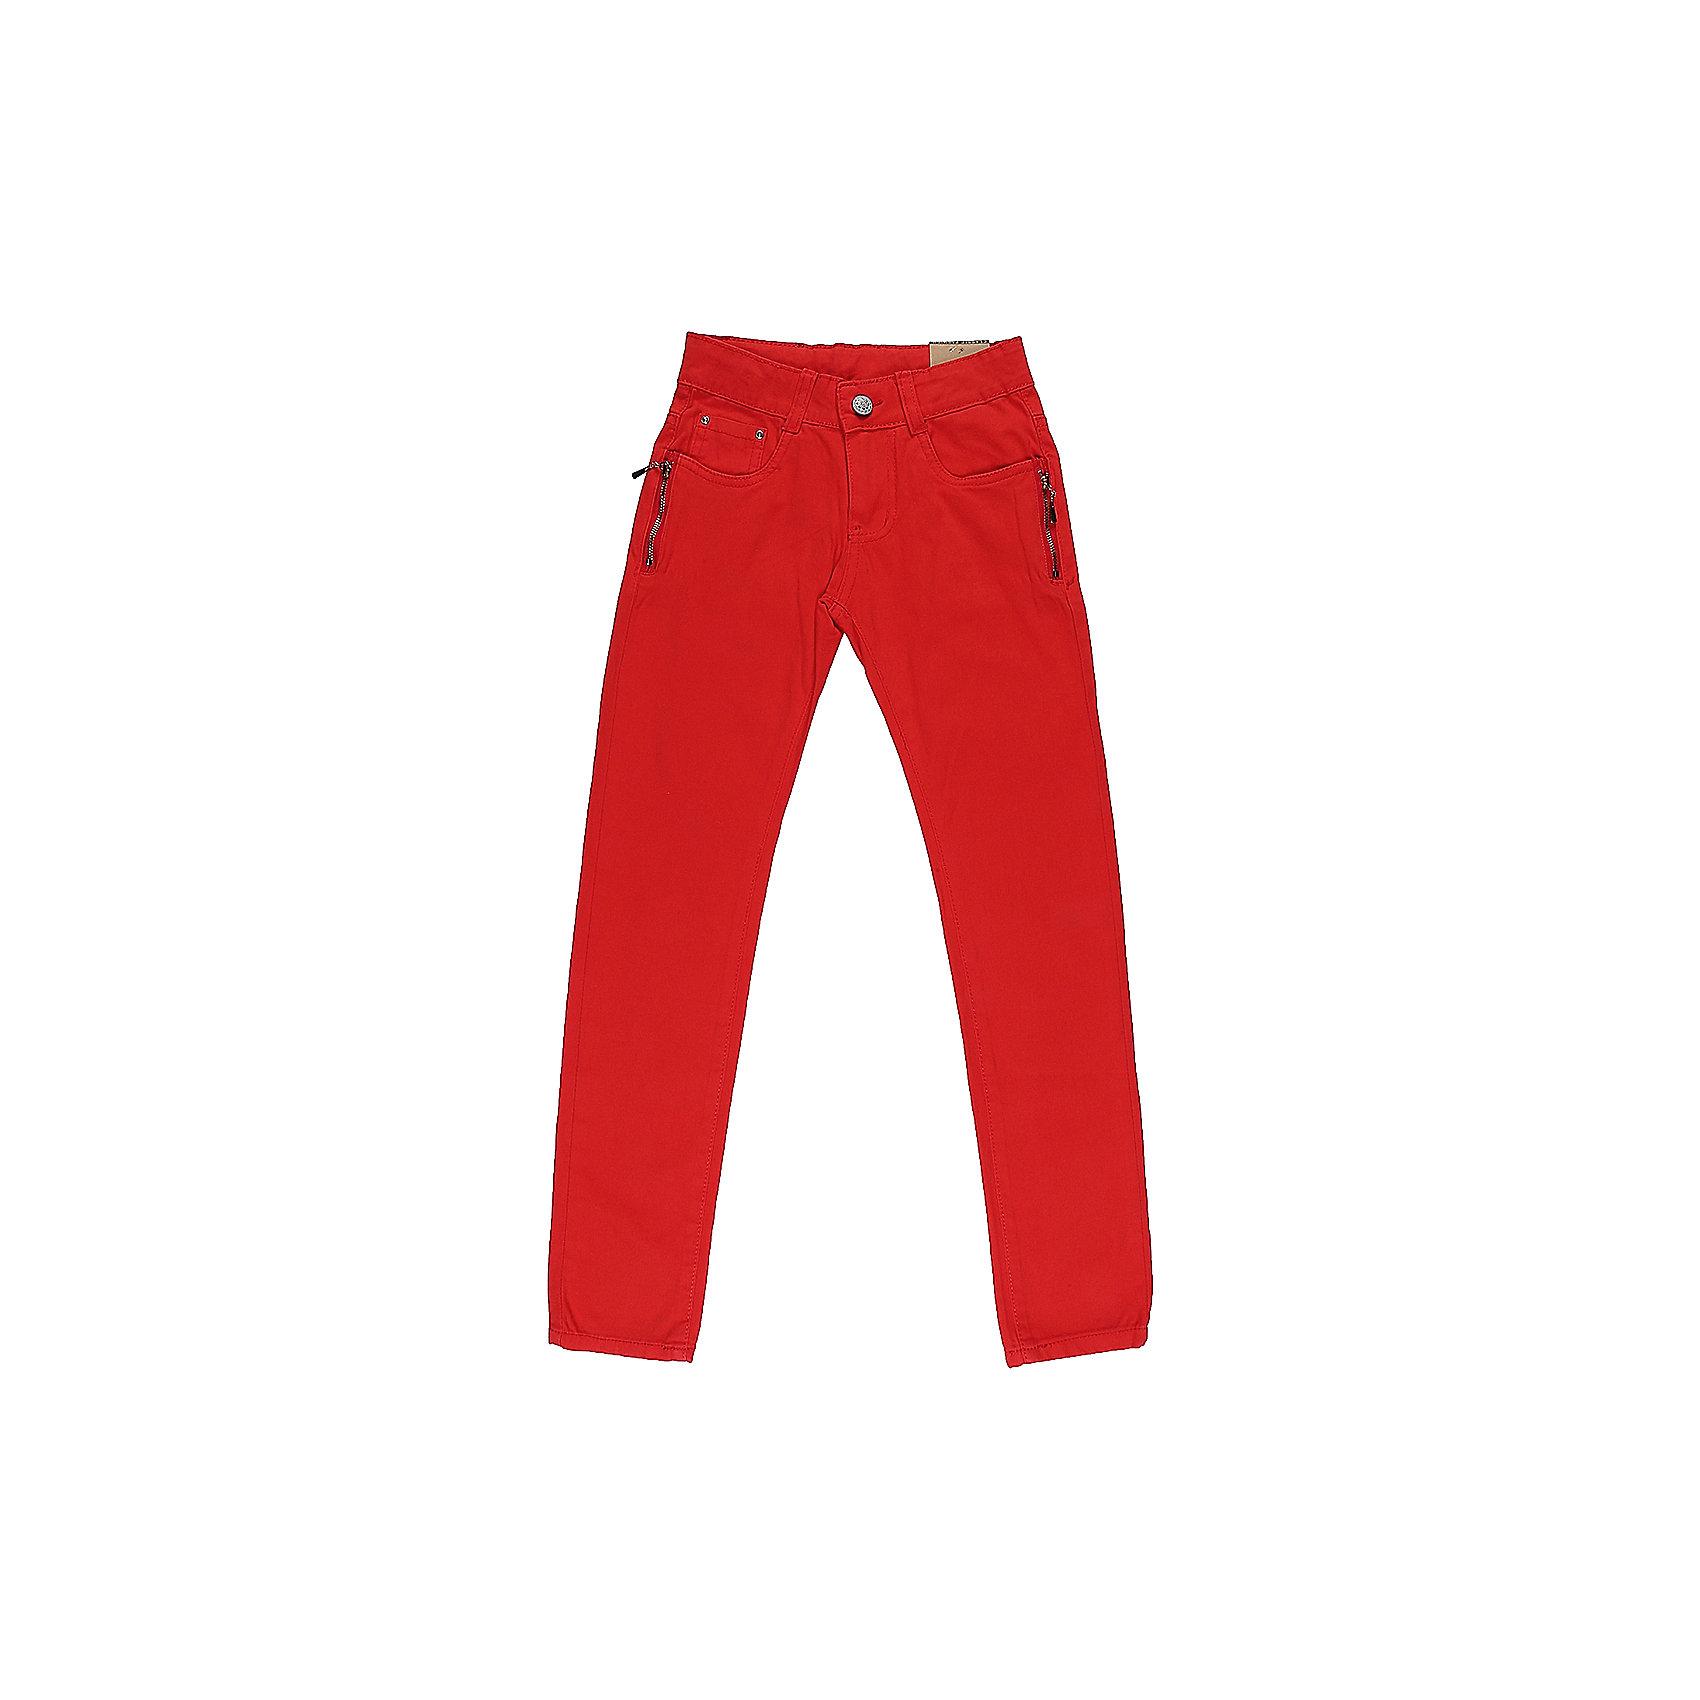 Брюки для девочки LuminosoБрюки<br>Яркие джинсовые брюки для девочки Декорированые двумя молниями по бокам карманов. Зауженный крой. Застегиваются на молнию и пуговицу. Шлевки на поясе рассчитаны под ремень. В боковой части пояса находятся вшитые эластичные ленты, регулирующие посадку по талии.<br>Состав:<br>98%хлопок 2%эластан<br><br>Ширина мм: 215<br>Глубина мм: 88<br>Высота мм: 191<br>Вес г: 336<br>Цвет: красный<br>Возраст от месяцев: 96<br>Возраст до месяцев: 108<br>Пол: Женский<br>Возраст: Детский<br>Размер: 134,152,164,158,146,140<br>SKU: 5413333